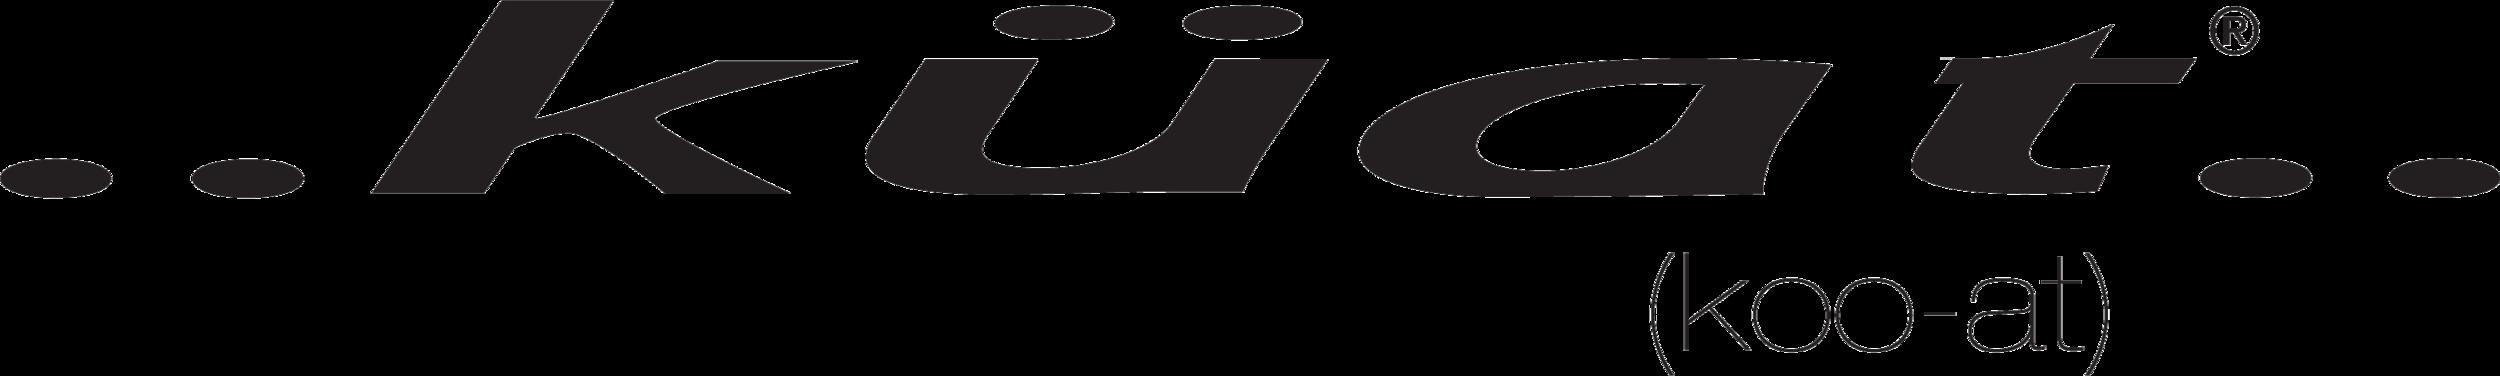 Full Logo - Black.png